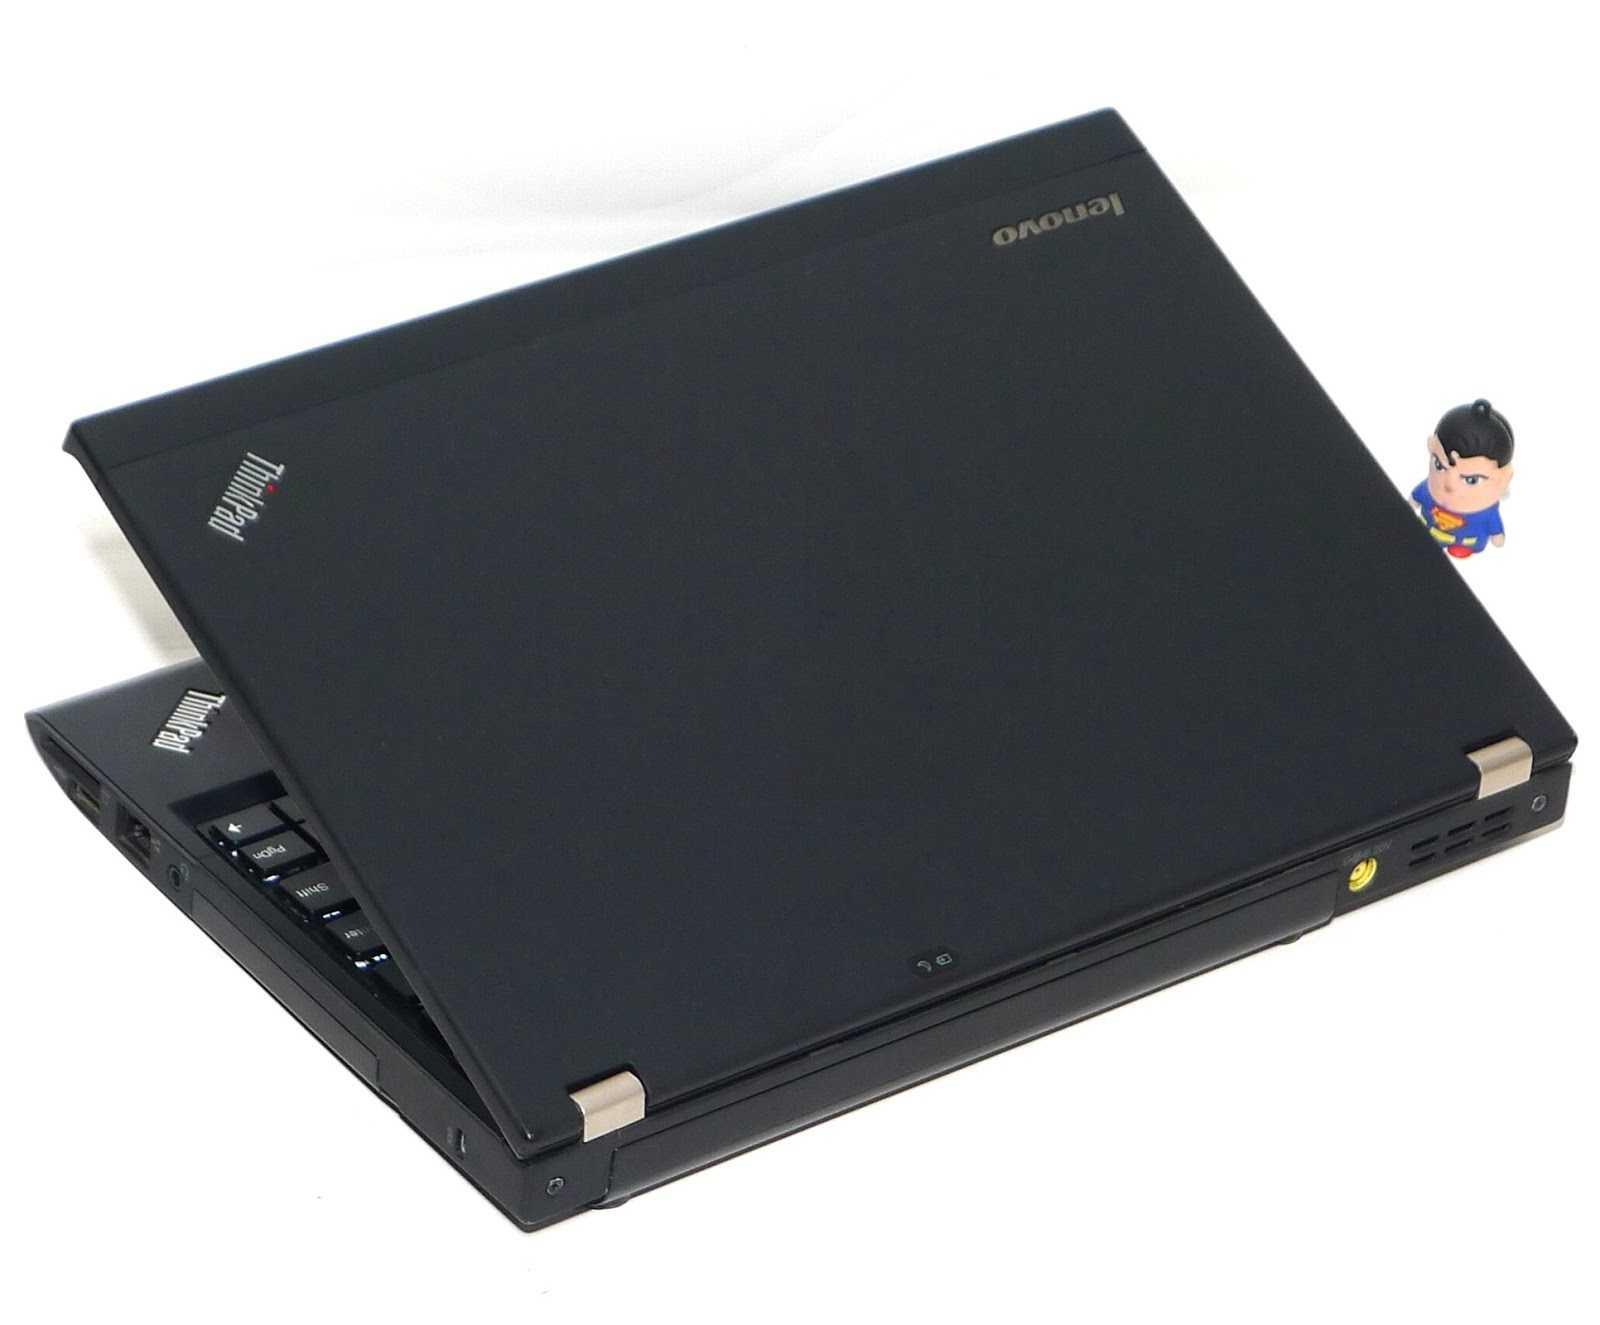 Компания Lenovo сообщила о презентации нового ноутбука восьмого поколения который уже появился на территории Европы Речь идет о модели серии ThinkPad X1 Carbon